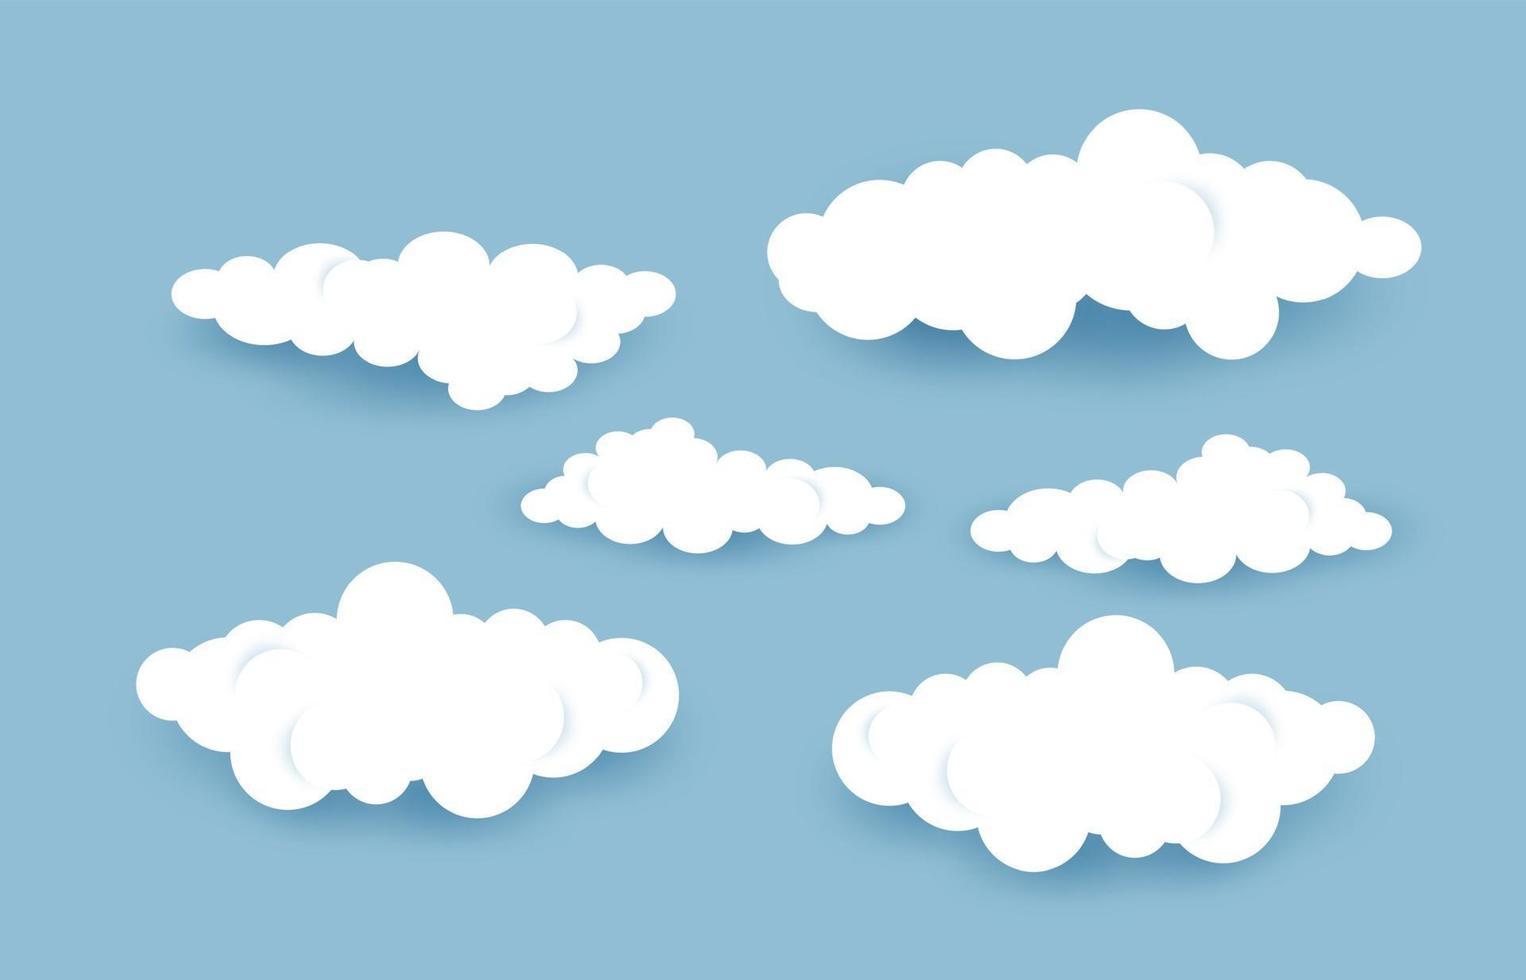 hemel wolken vector eps10 illustratie.